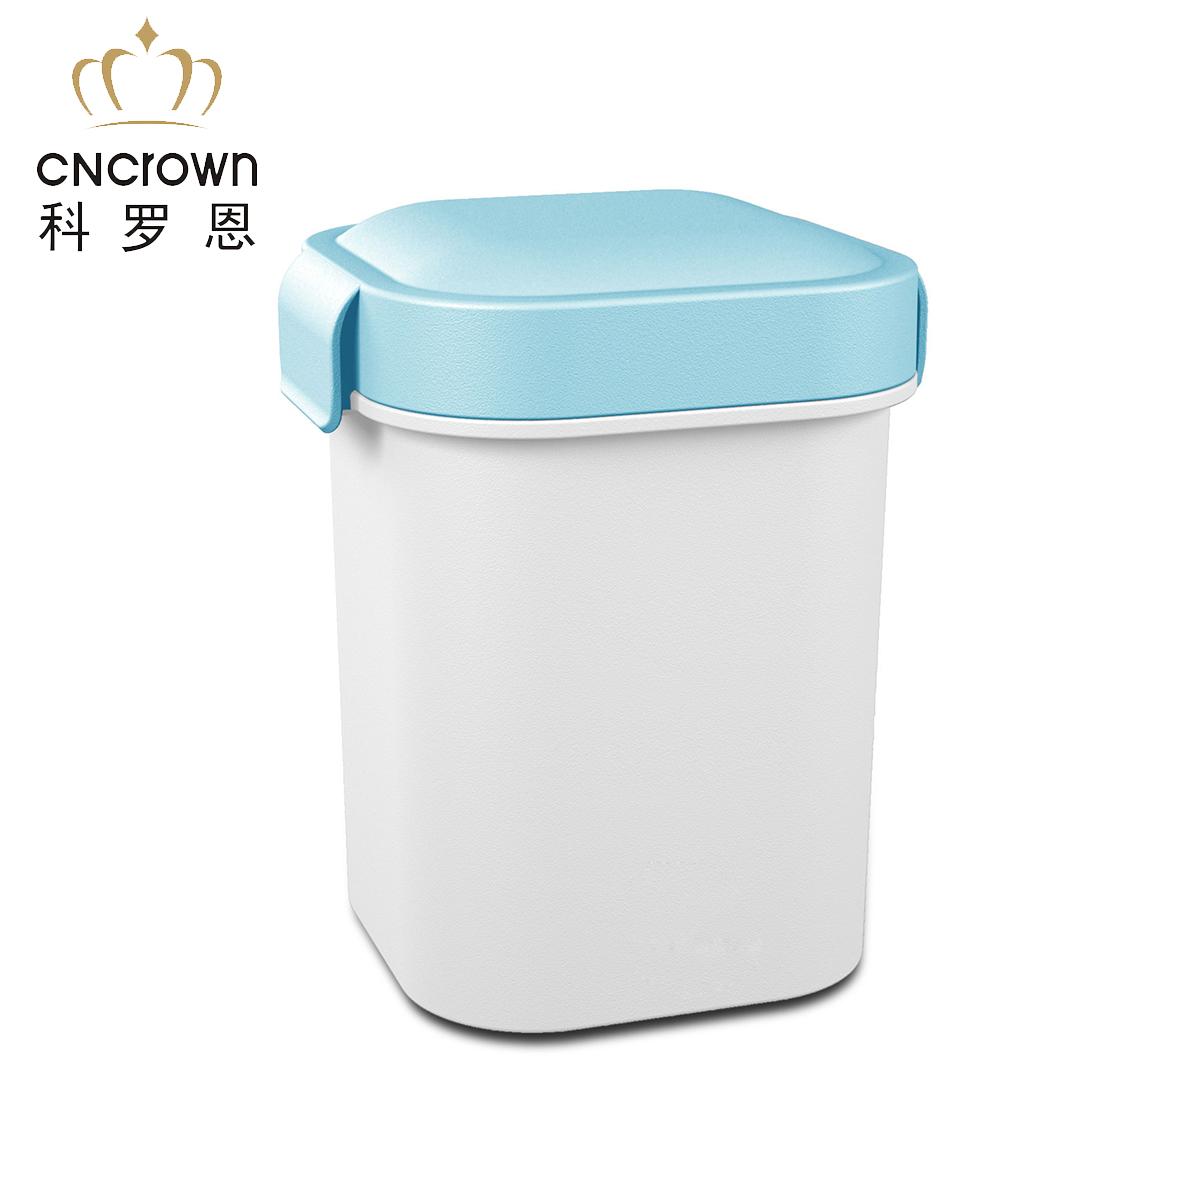 Семья ло грейс печать чашка японский чашки милый чашка герметичный суп чашка мода портативный чашка может микроволна следовать рука чашка